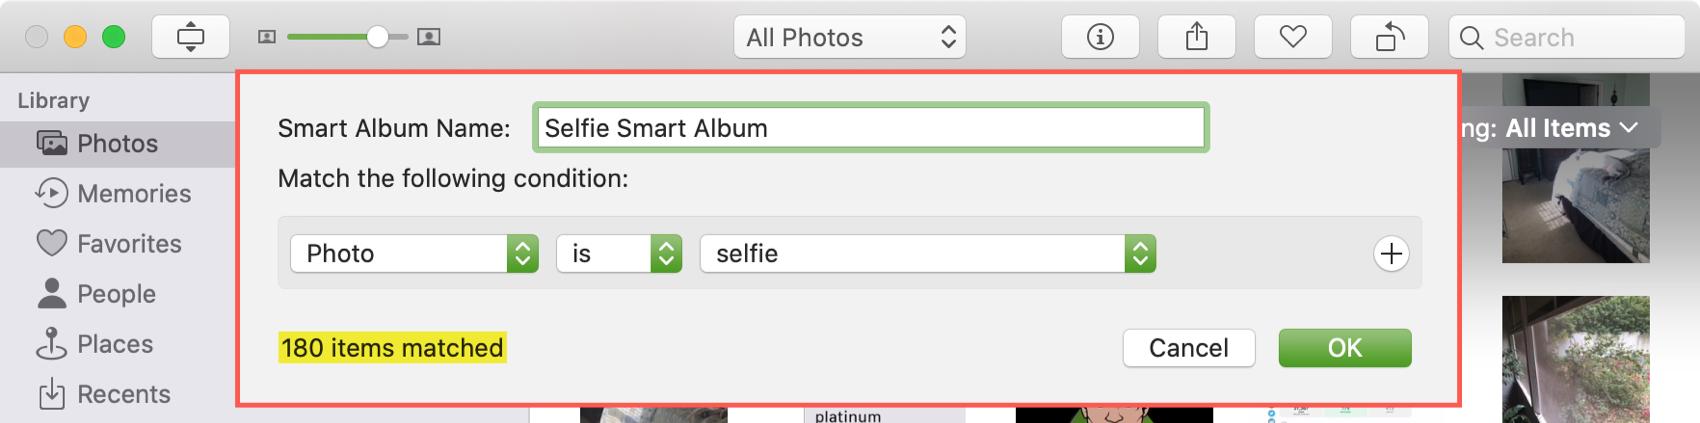 Create Smart Album in Photos Mac